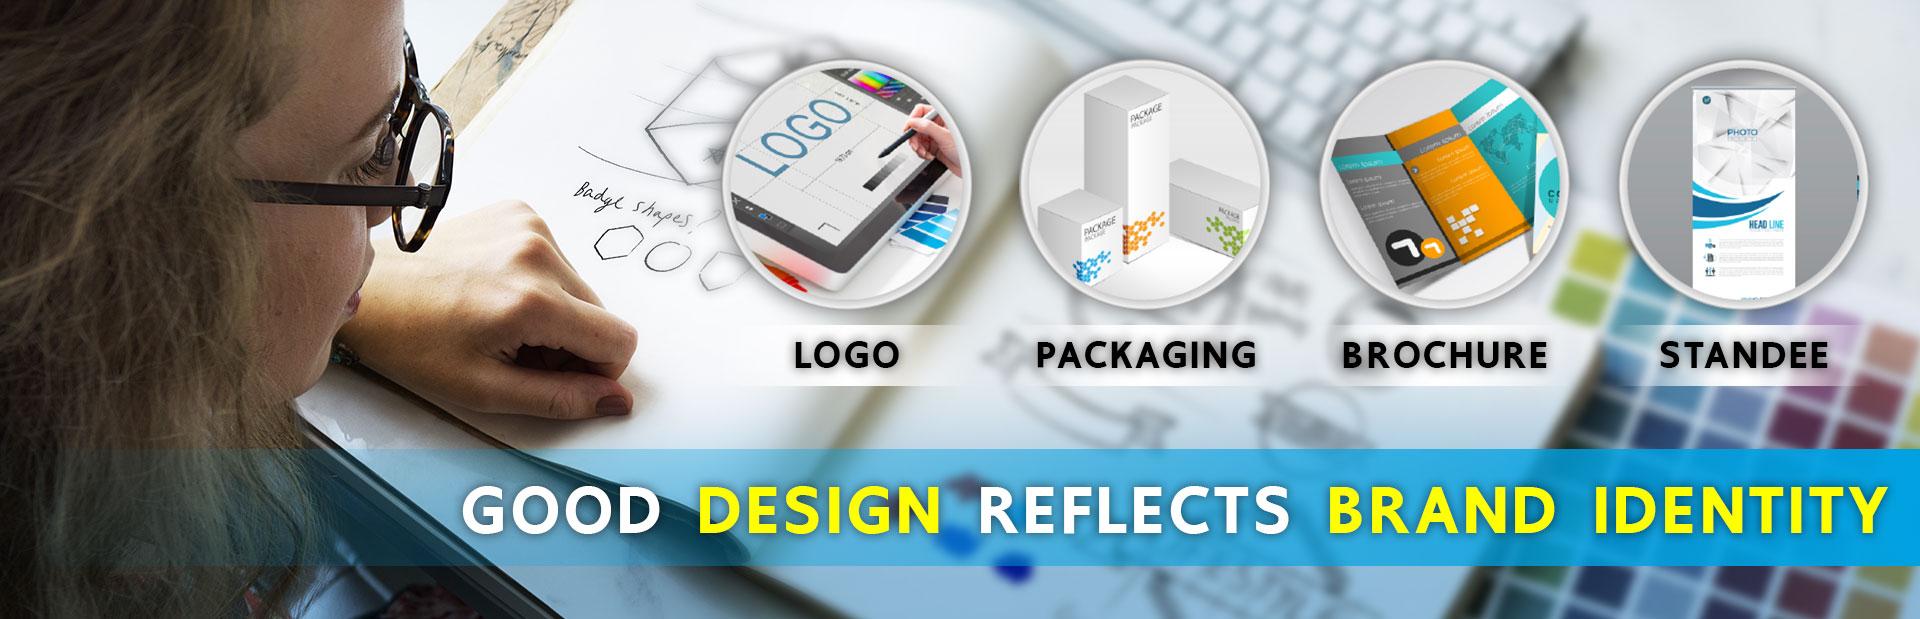 บริษัทควอลิตี้พลัสฯ มีความยินดีที่จะออกแบบโลโก้และบรรจุภัณฑ์ด้วยมาตรฐานวิชาชีพของนักออกแบบ